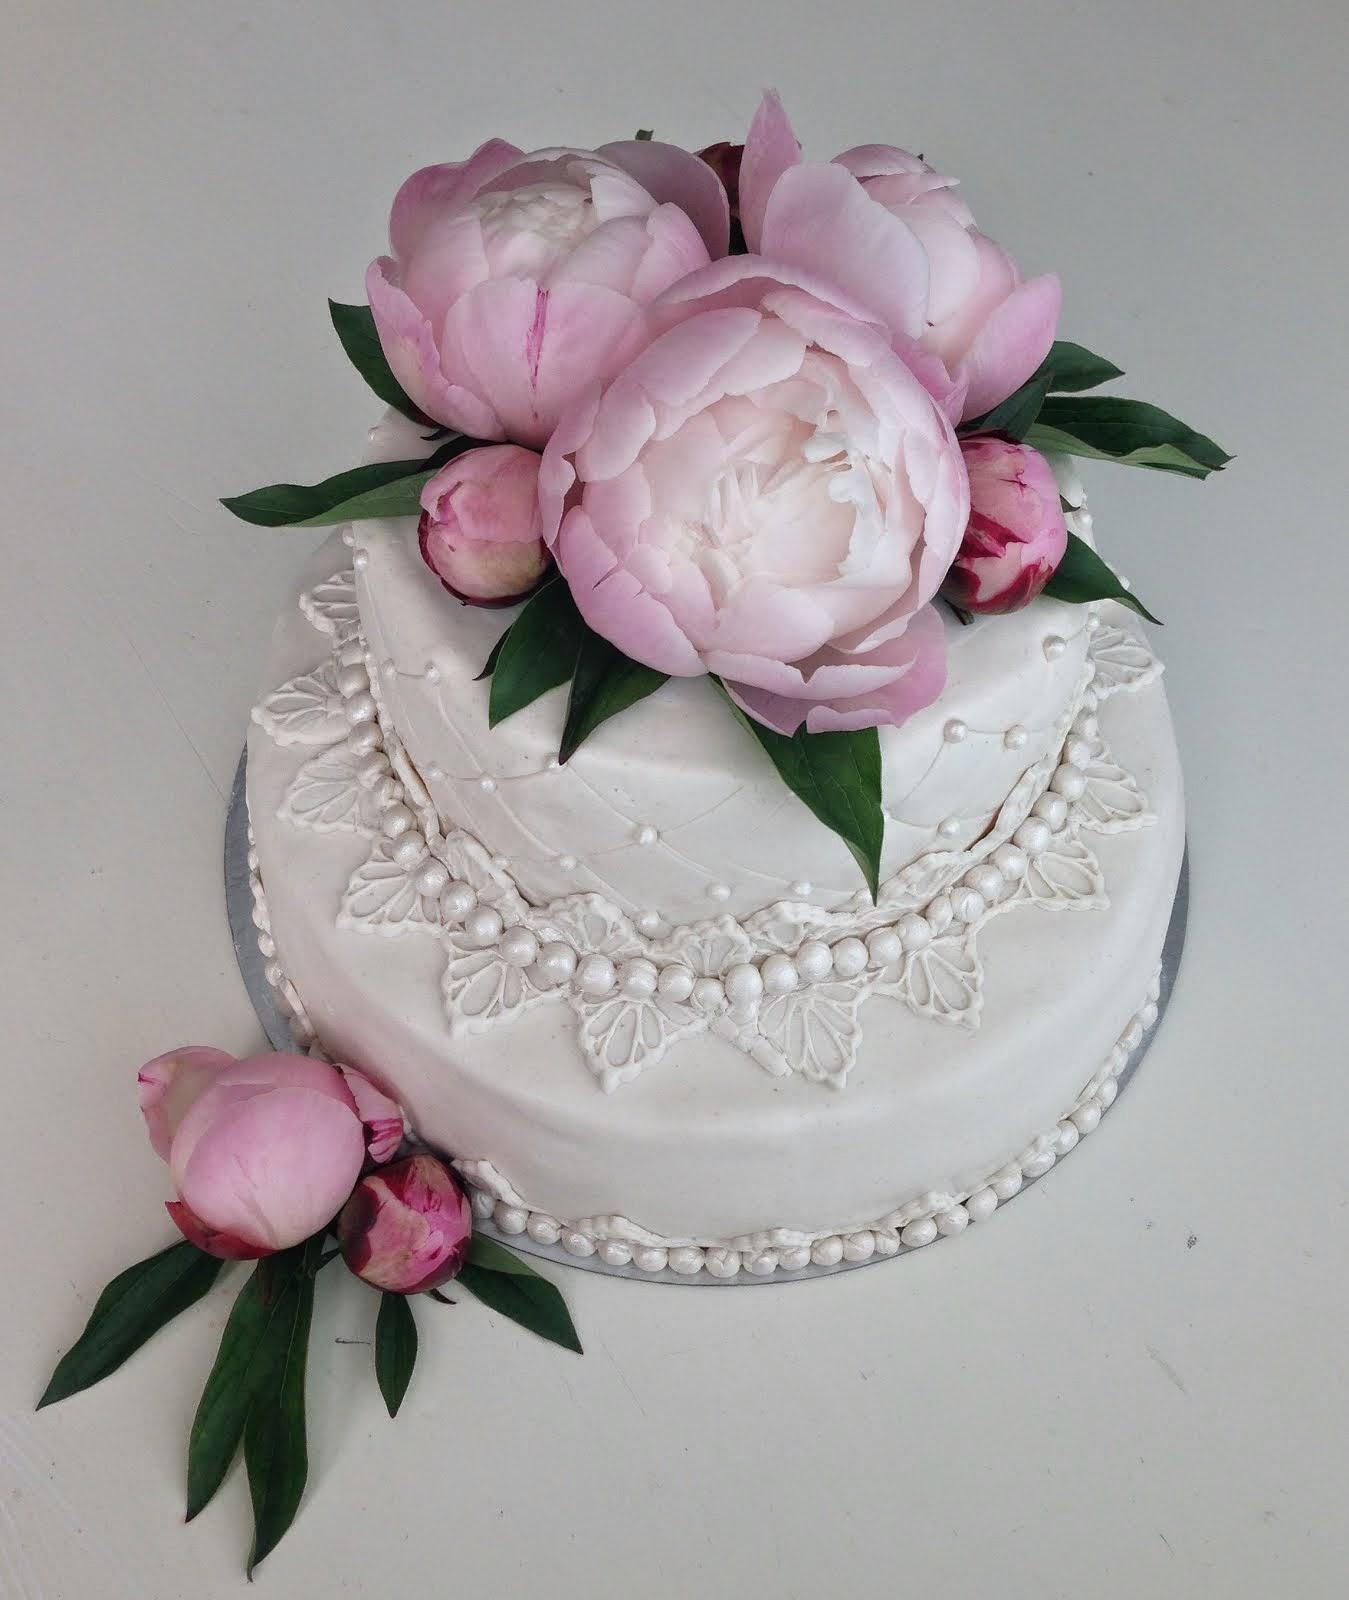 Vit bröllopstårta med riktiga rosa pioner